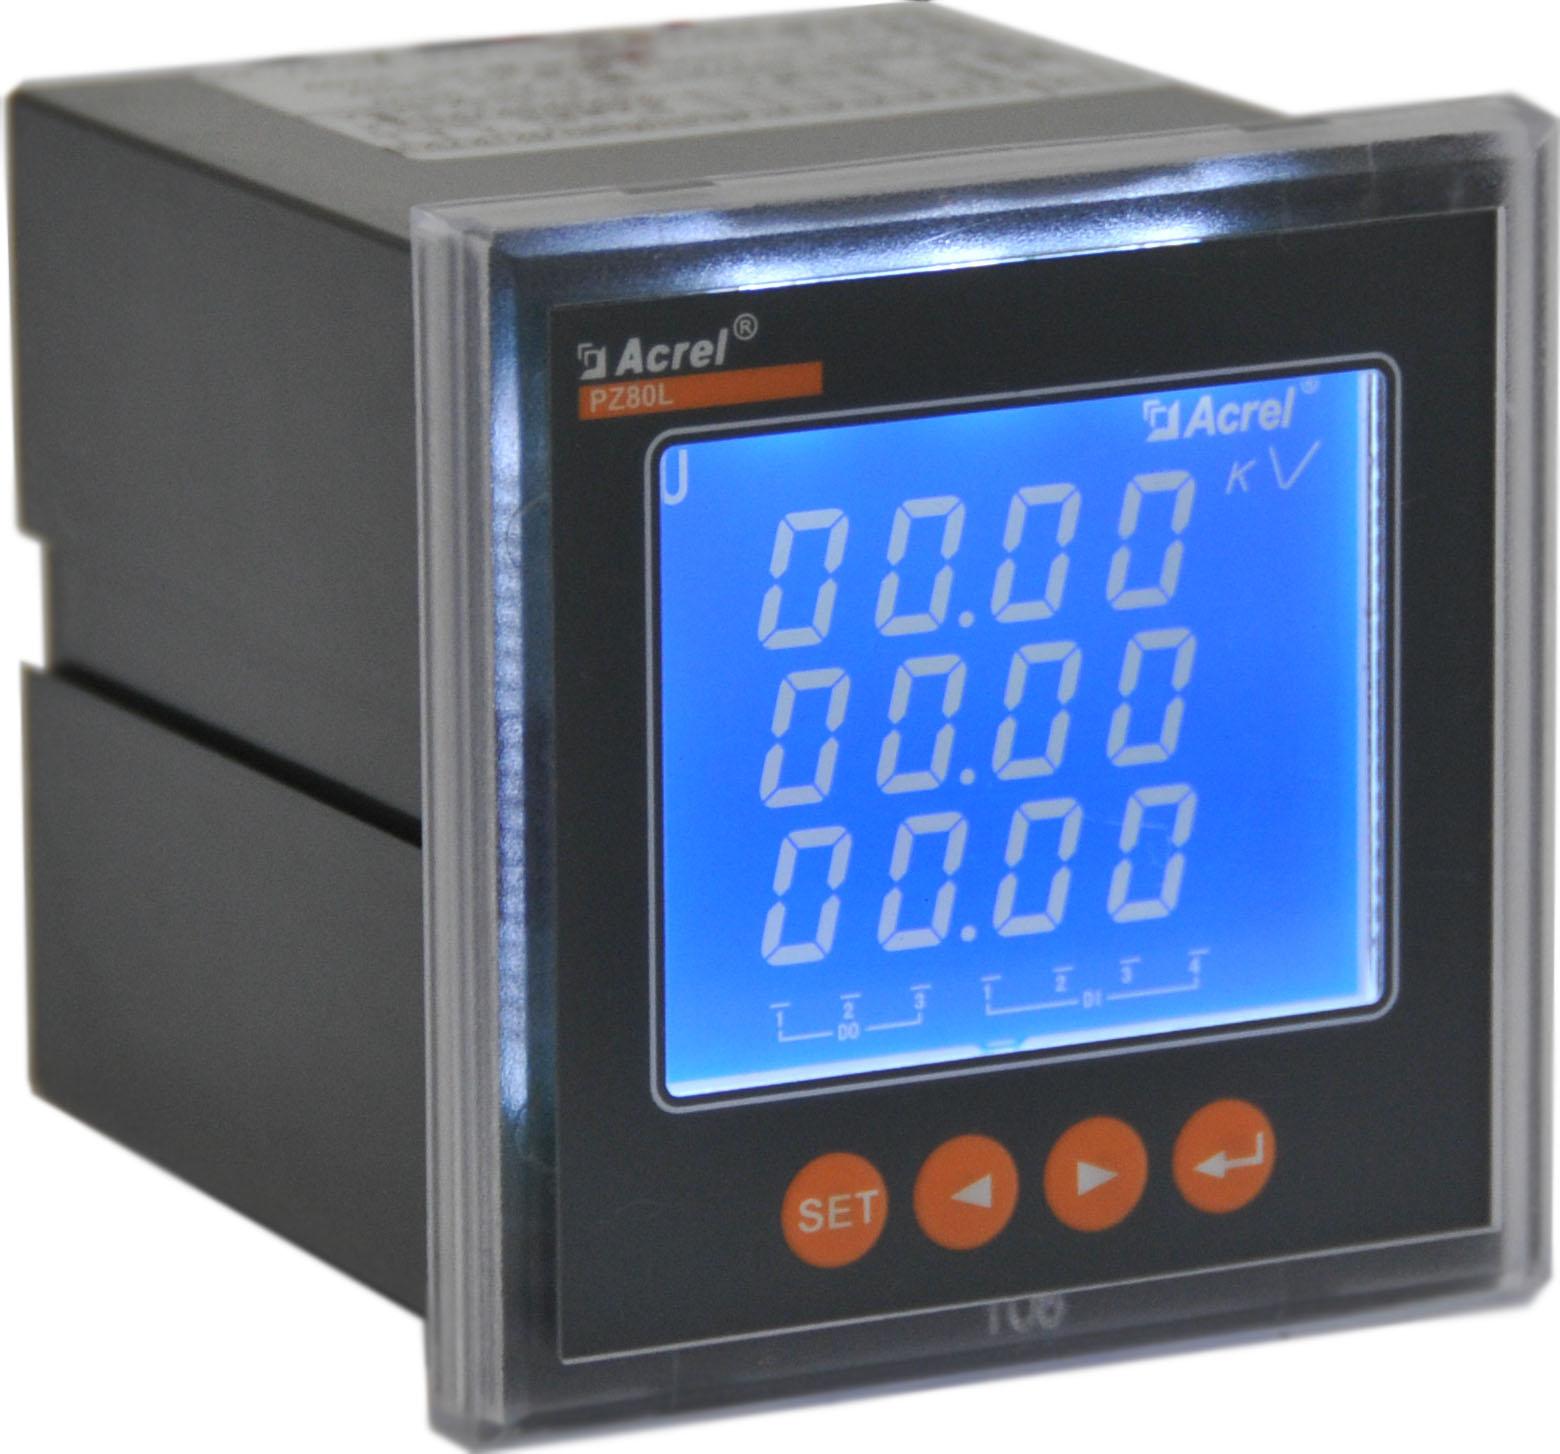 安科瑞直销 PZ9L6-E4/JC 电能表 多功能表 报警 RS485通讯 包邮